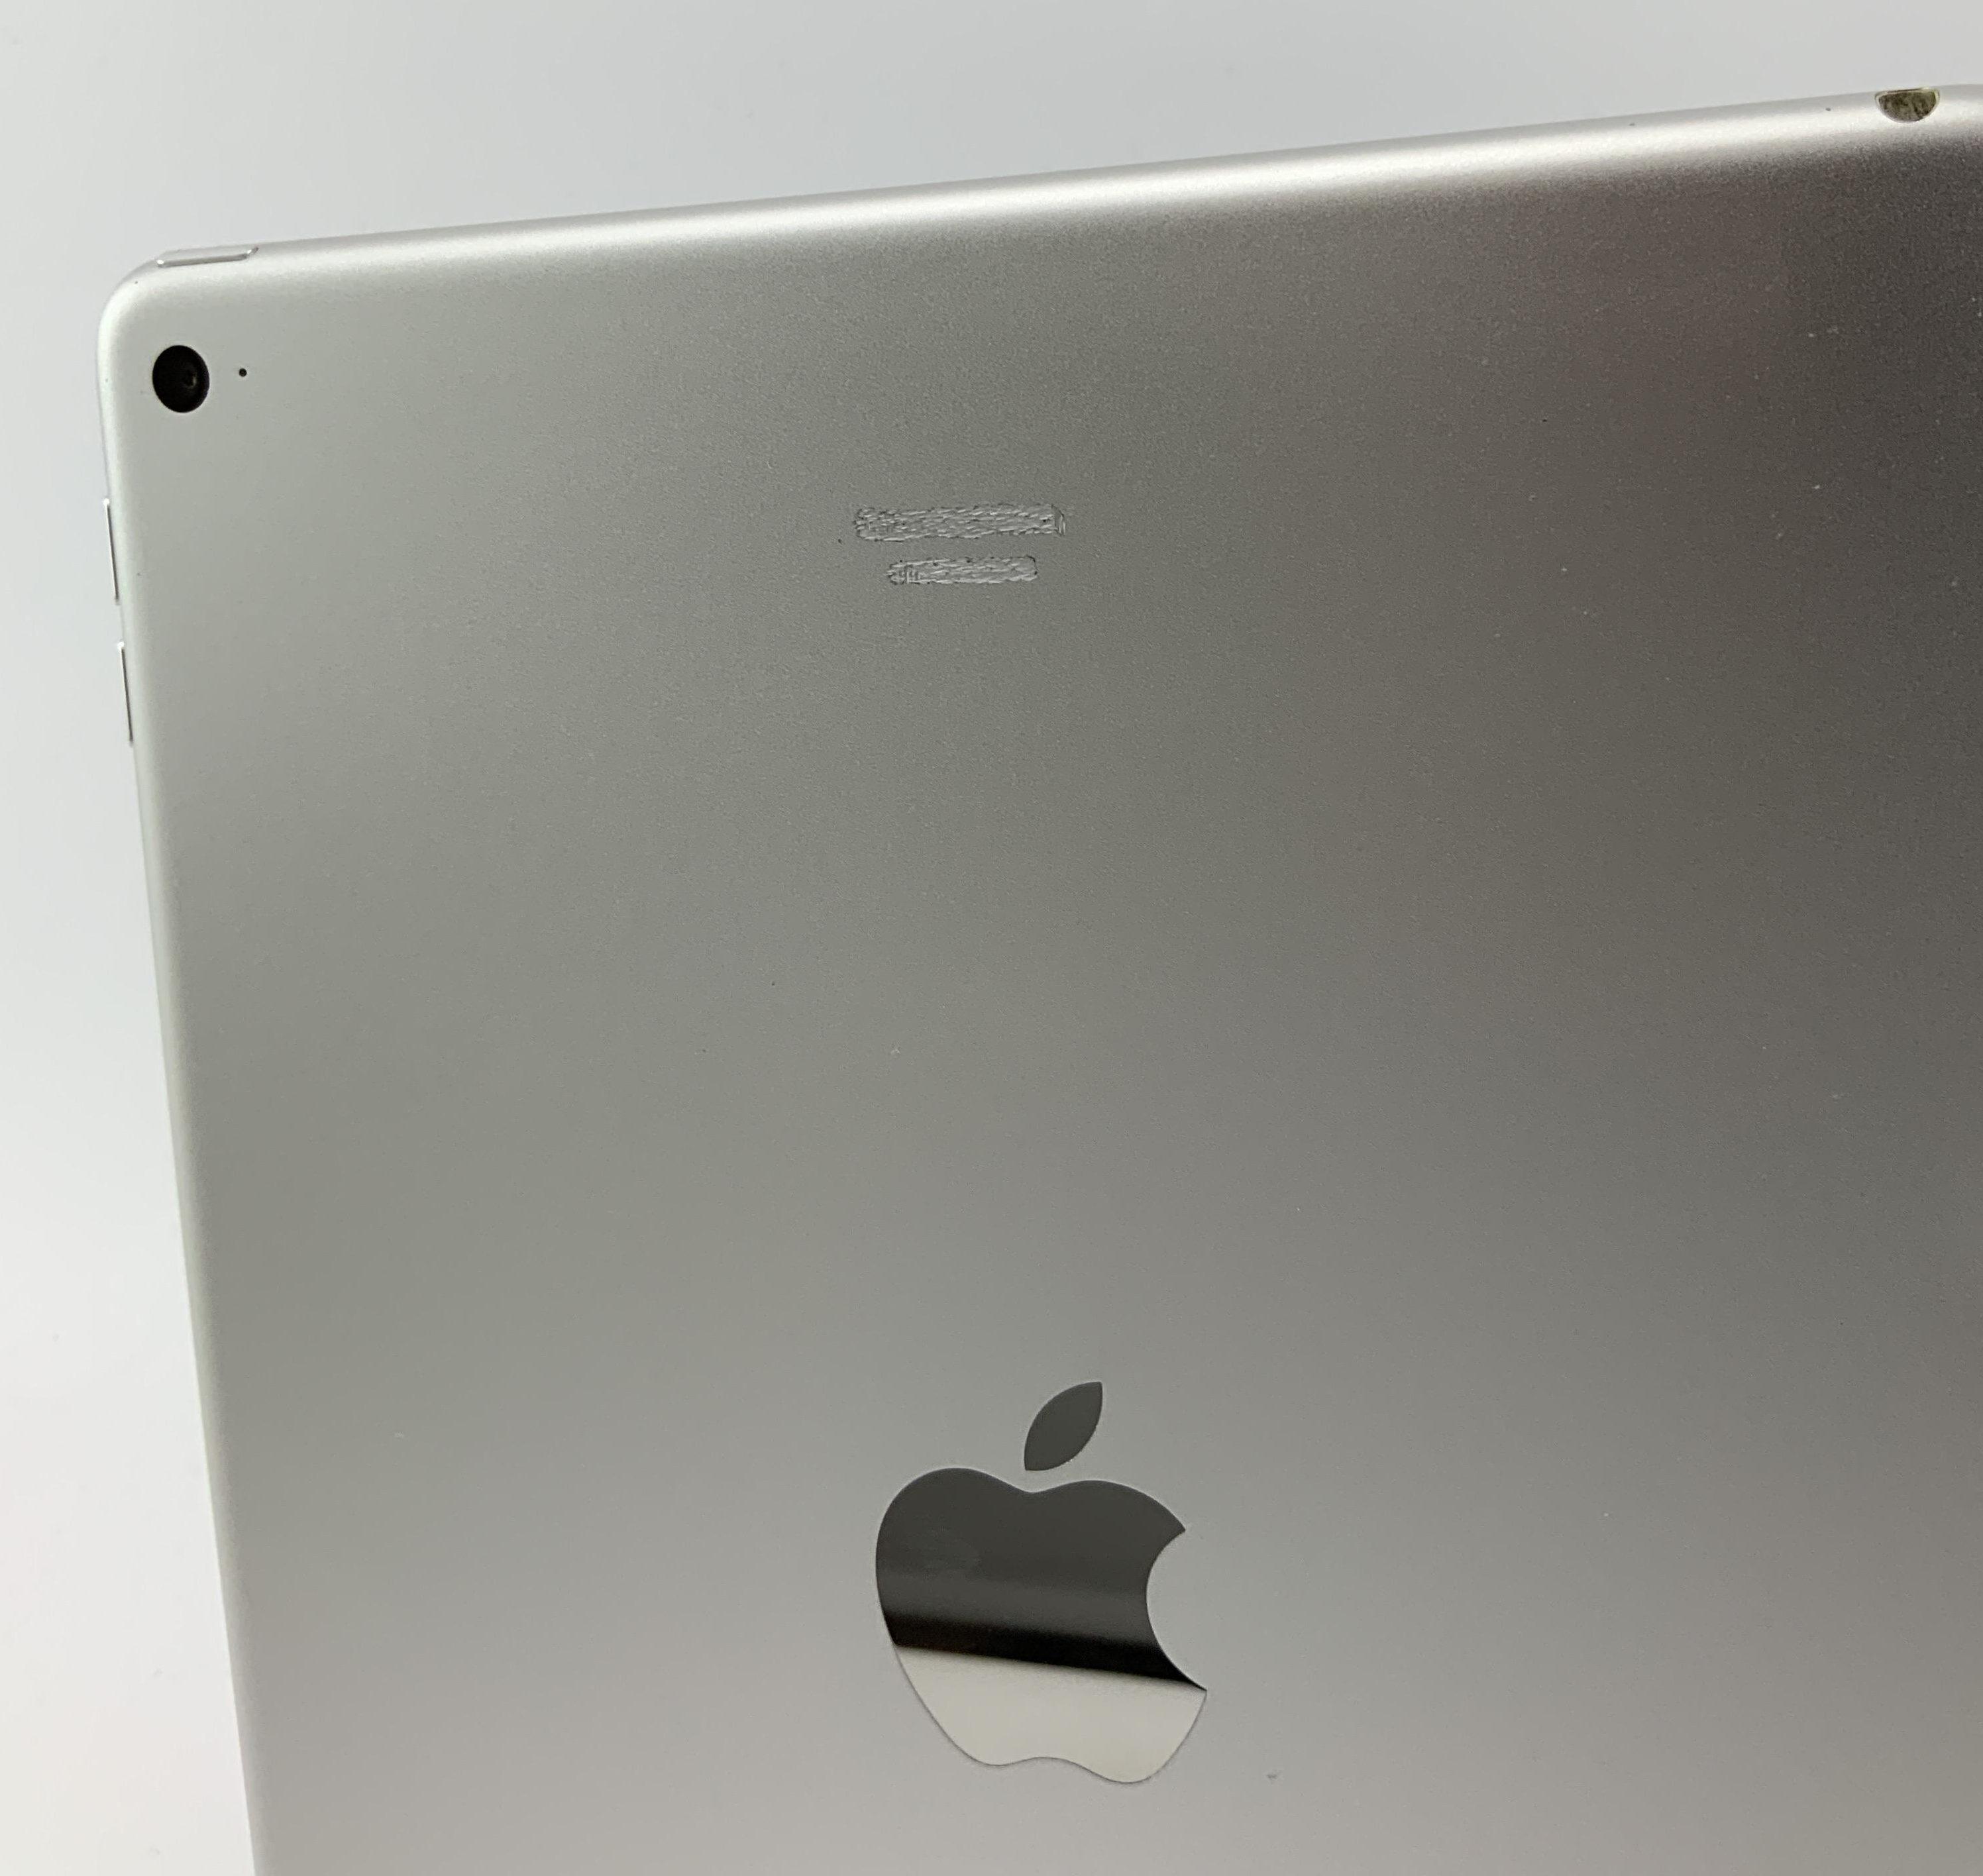 iPad Air 2 Wi-Fi 16GB, 16GB, Silver, image 4